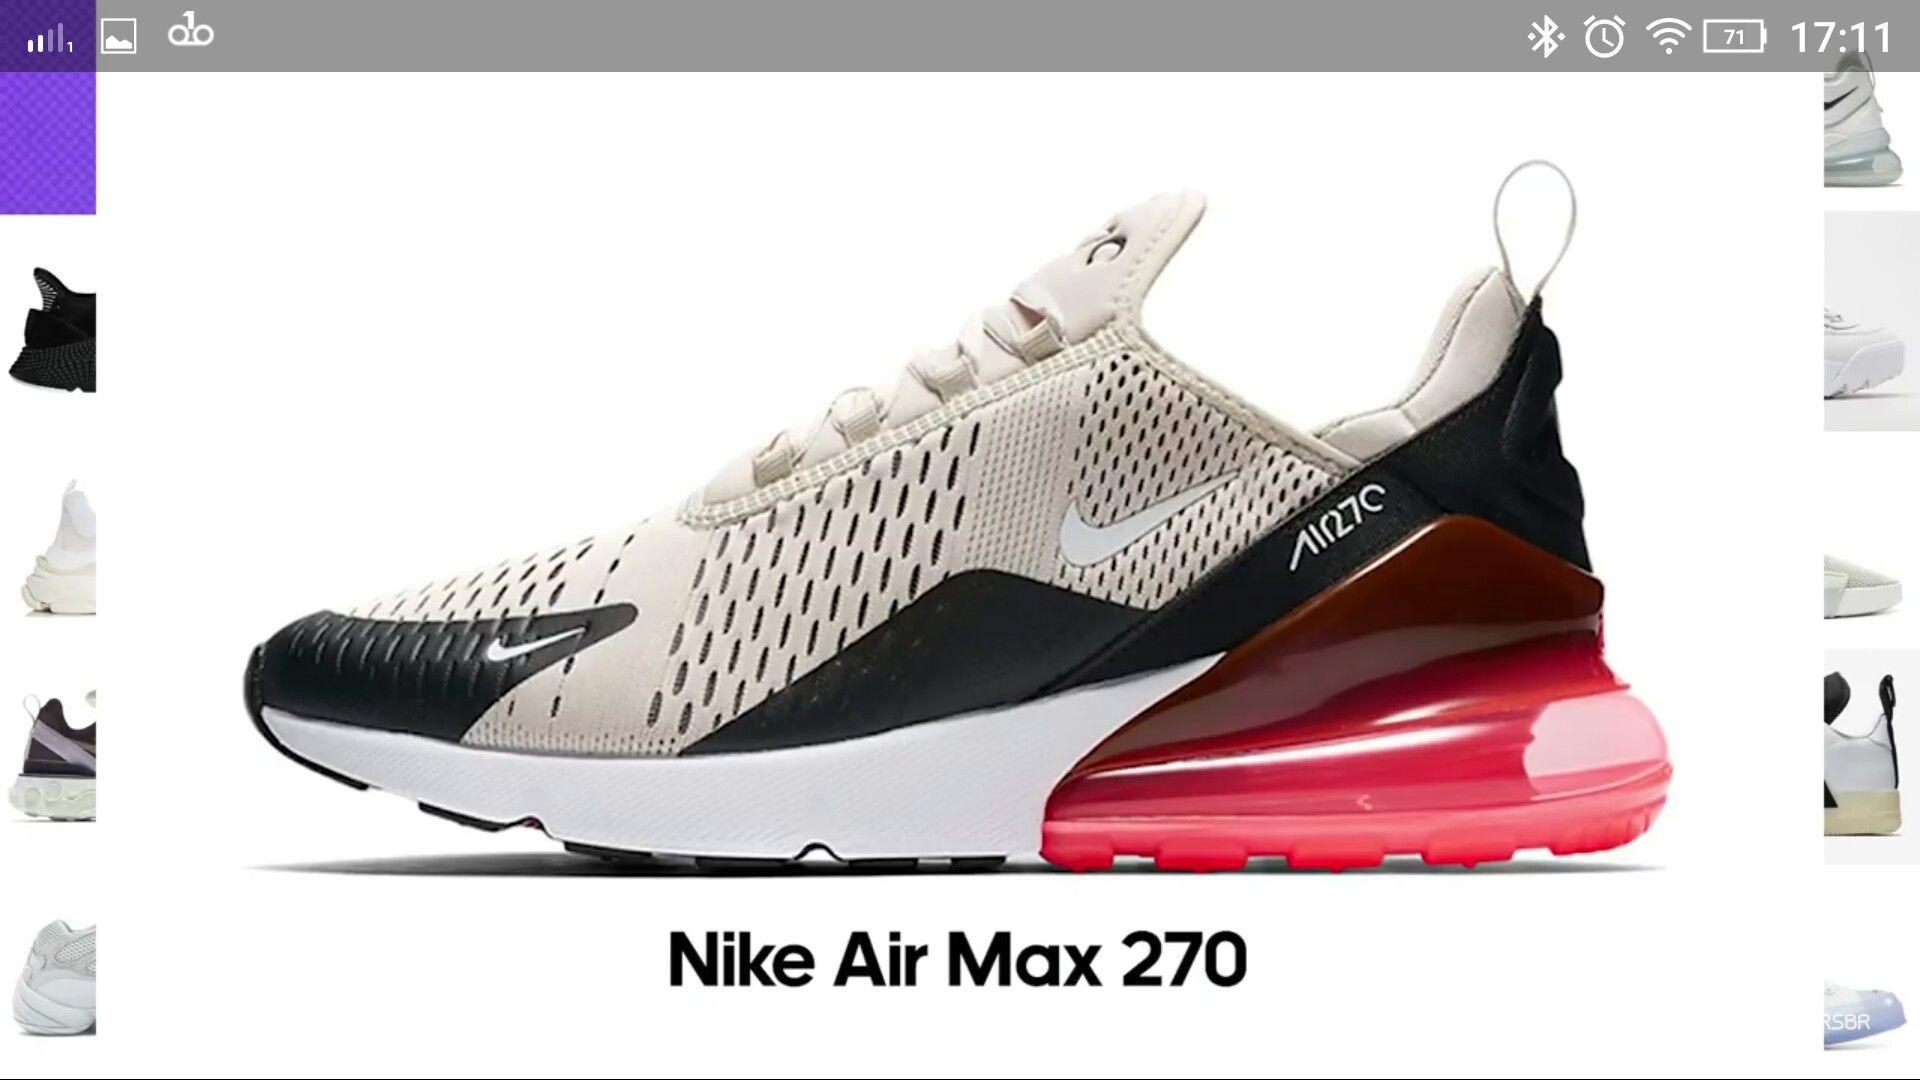 9e2917e7f Pin de Carlos Bruno em Sneakers, boots e more(tênis,botas, sapatos ...